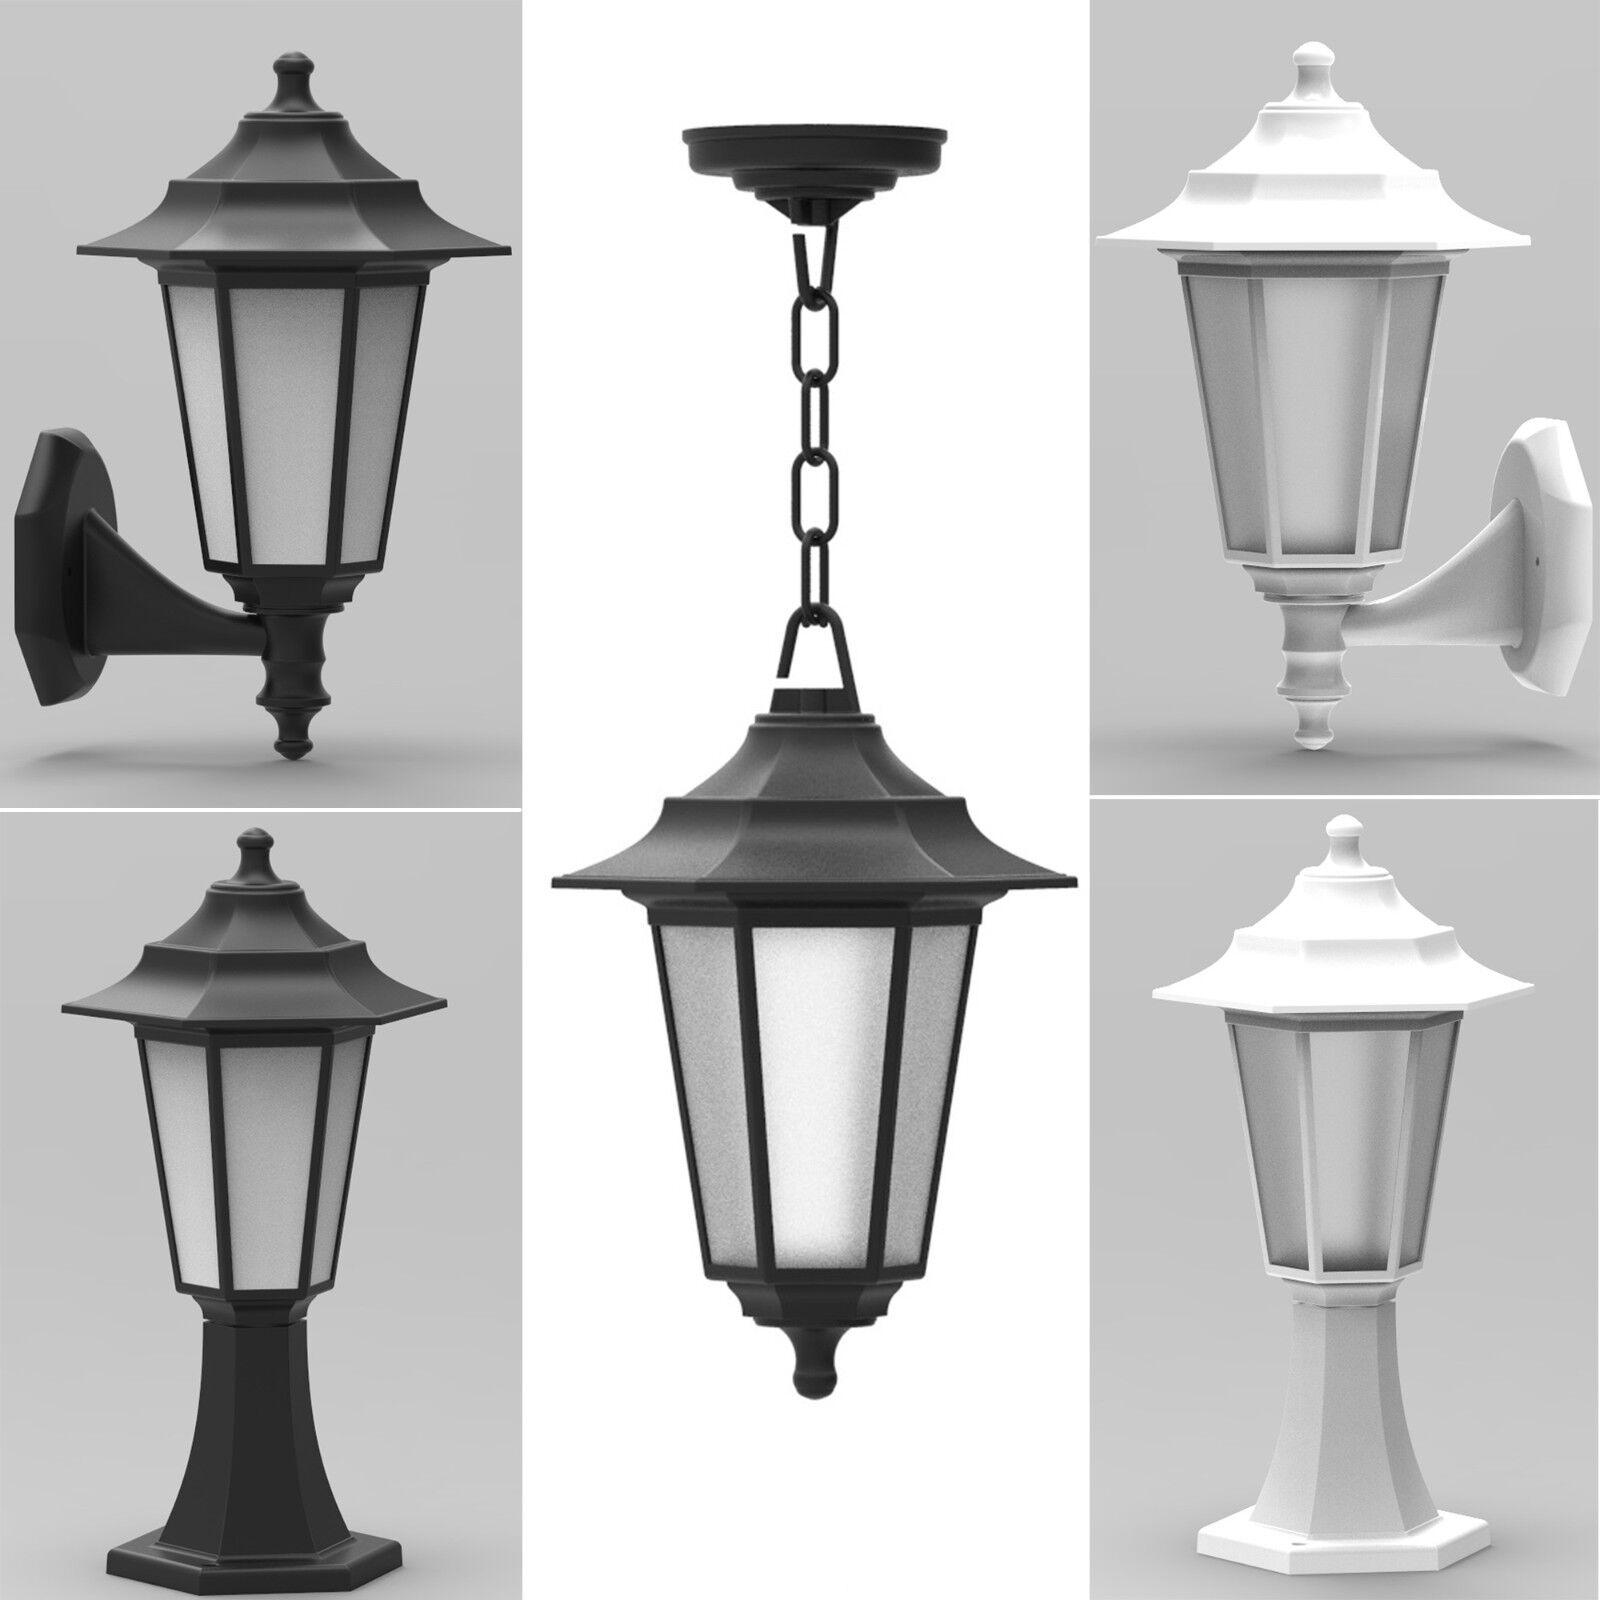 Außenlampe Außenleuchte Wandleuchte Standleuchte Garten Lampen Gartenleuchte